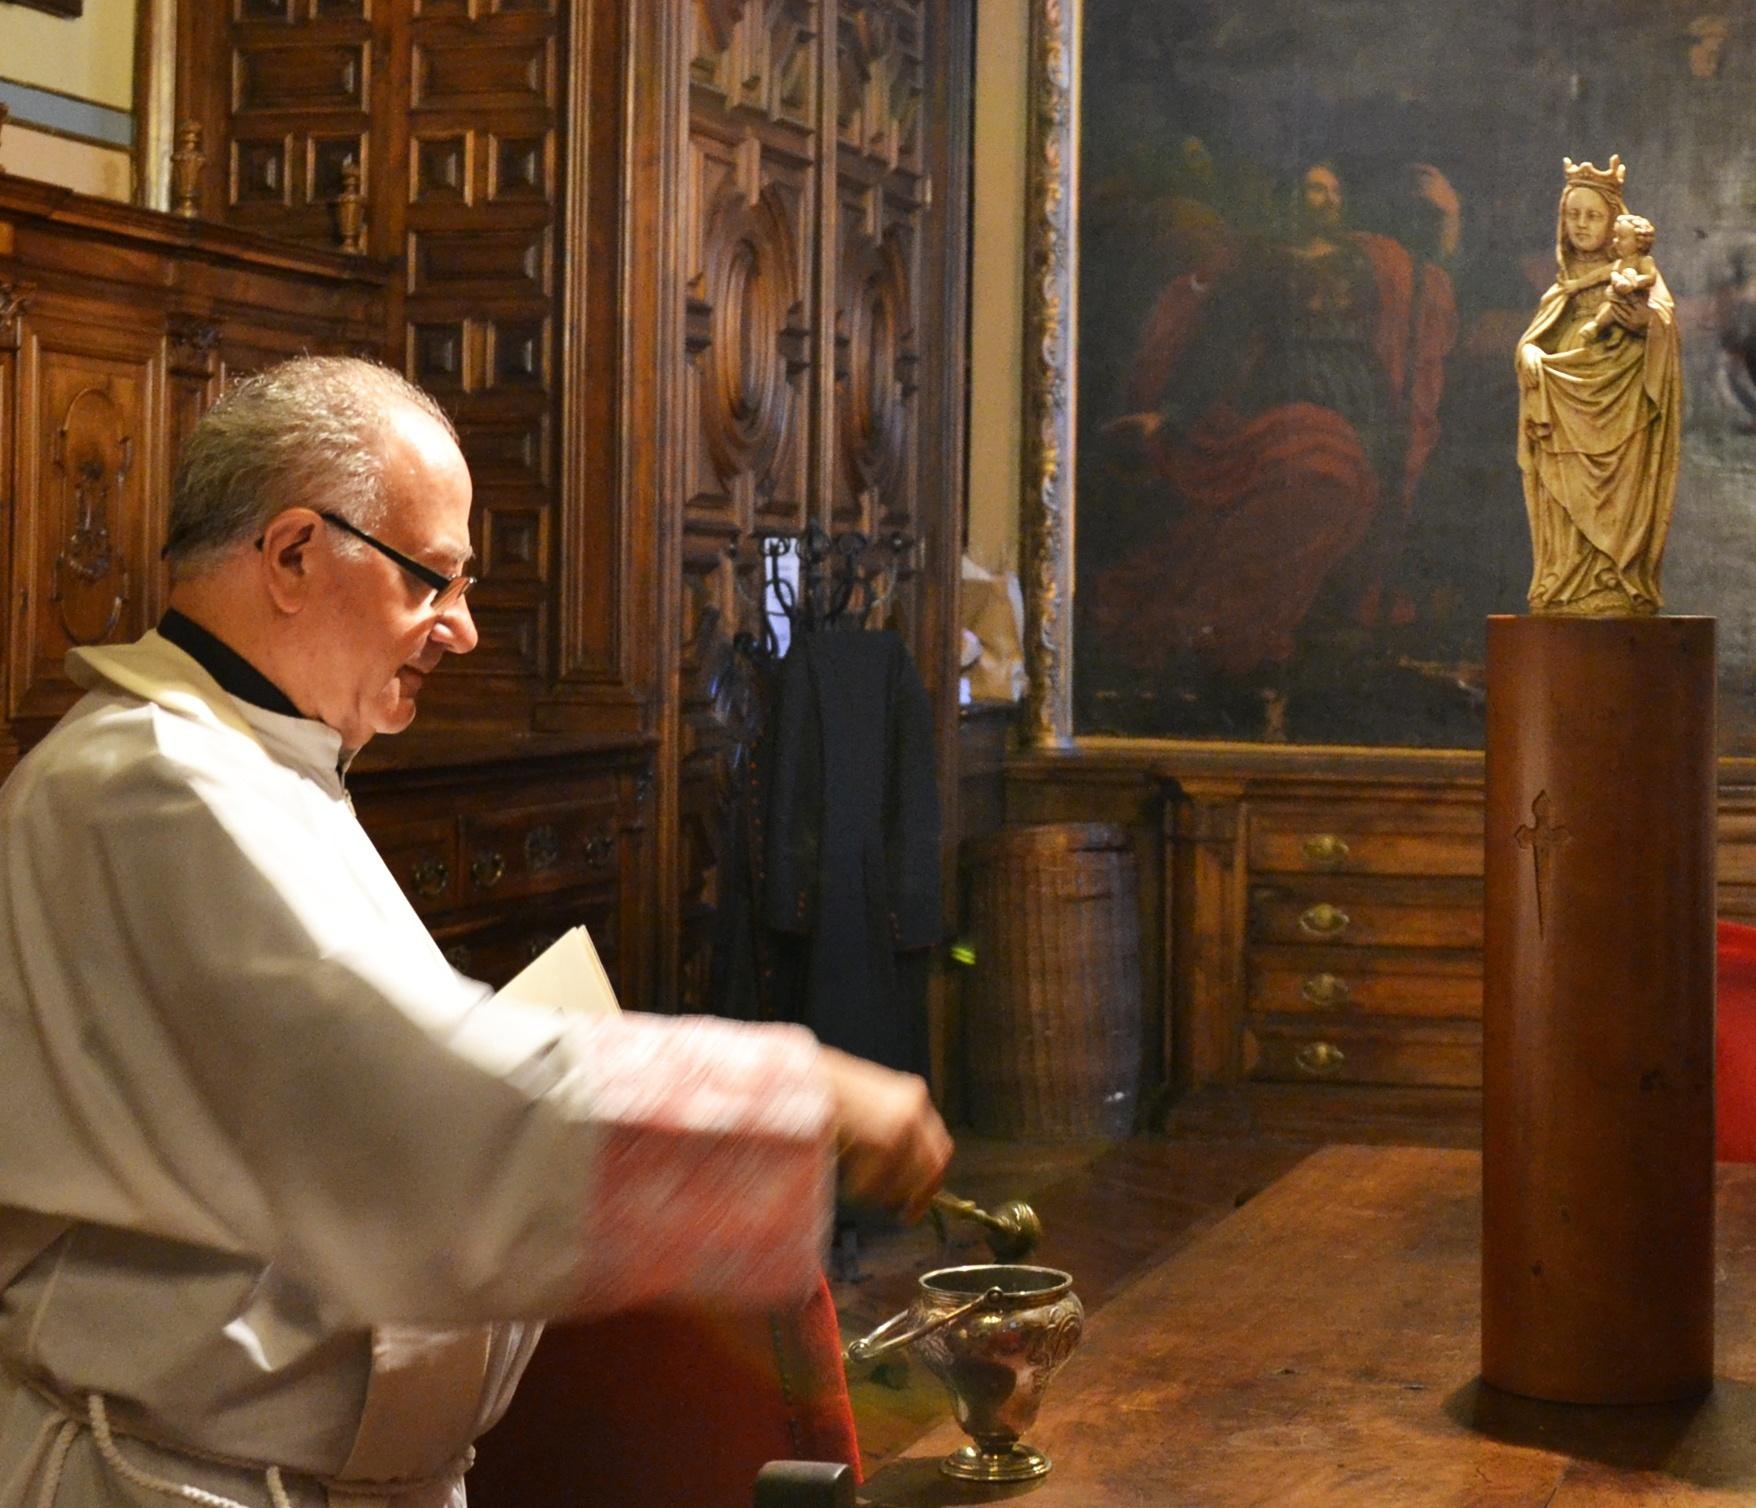 Una imagen de la Virgen del Pilar, bendecida en Zaragoza, presidirá en Miami (EE.UU.) una misa este sábado